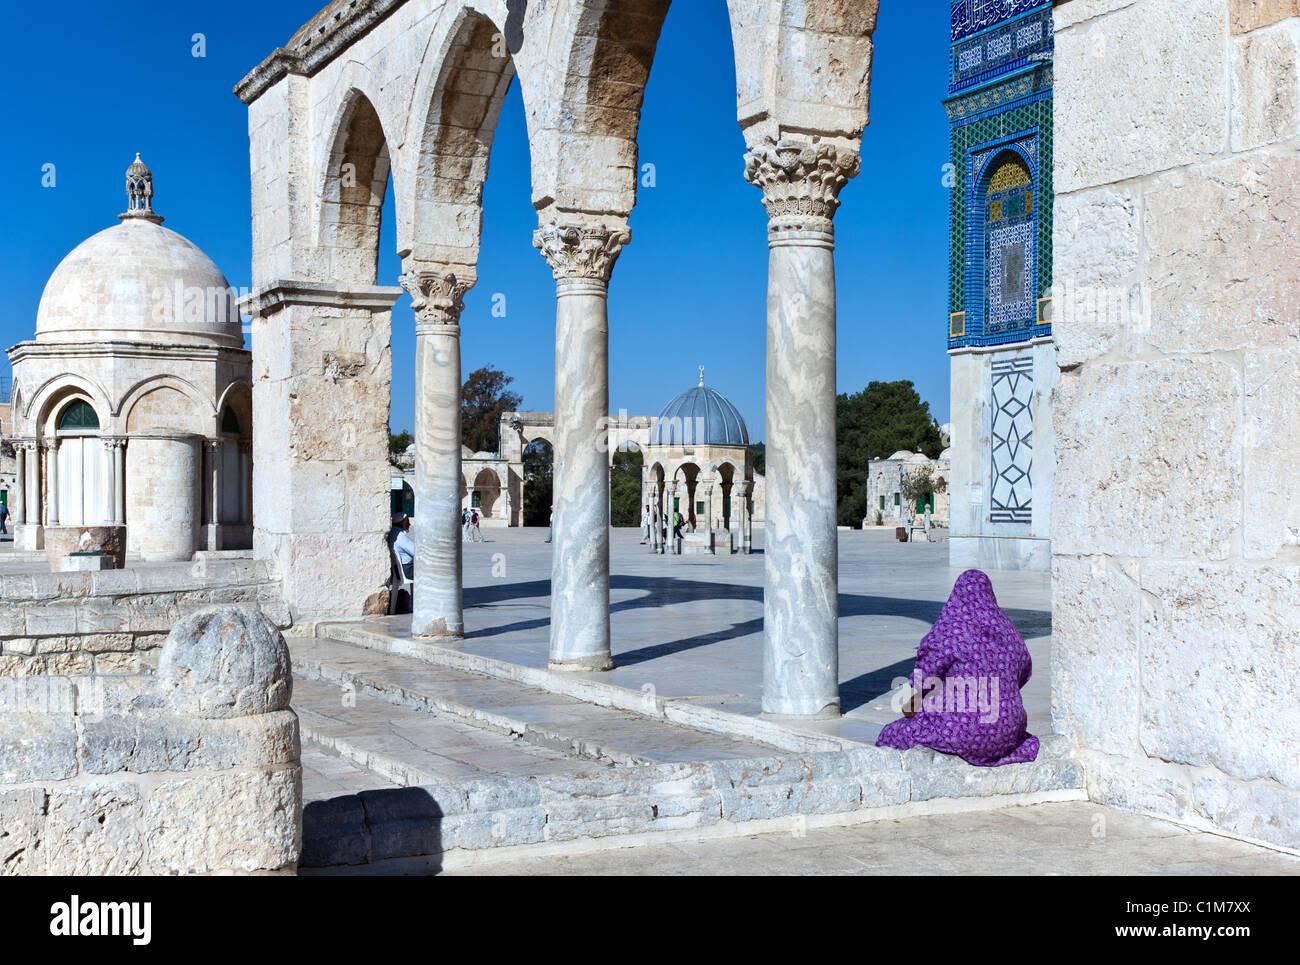 Israele, Gerusalemme, un gateway per il Monte del Tempio (Har Habait) Immagini Stock